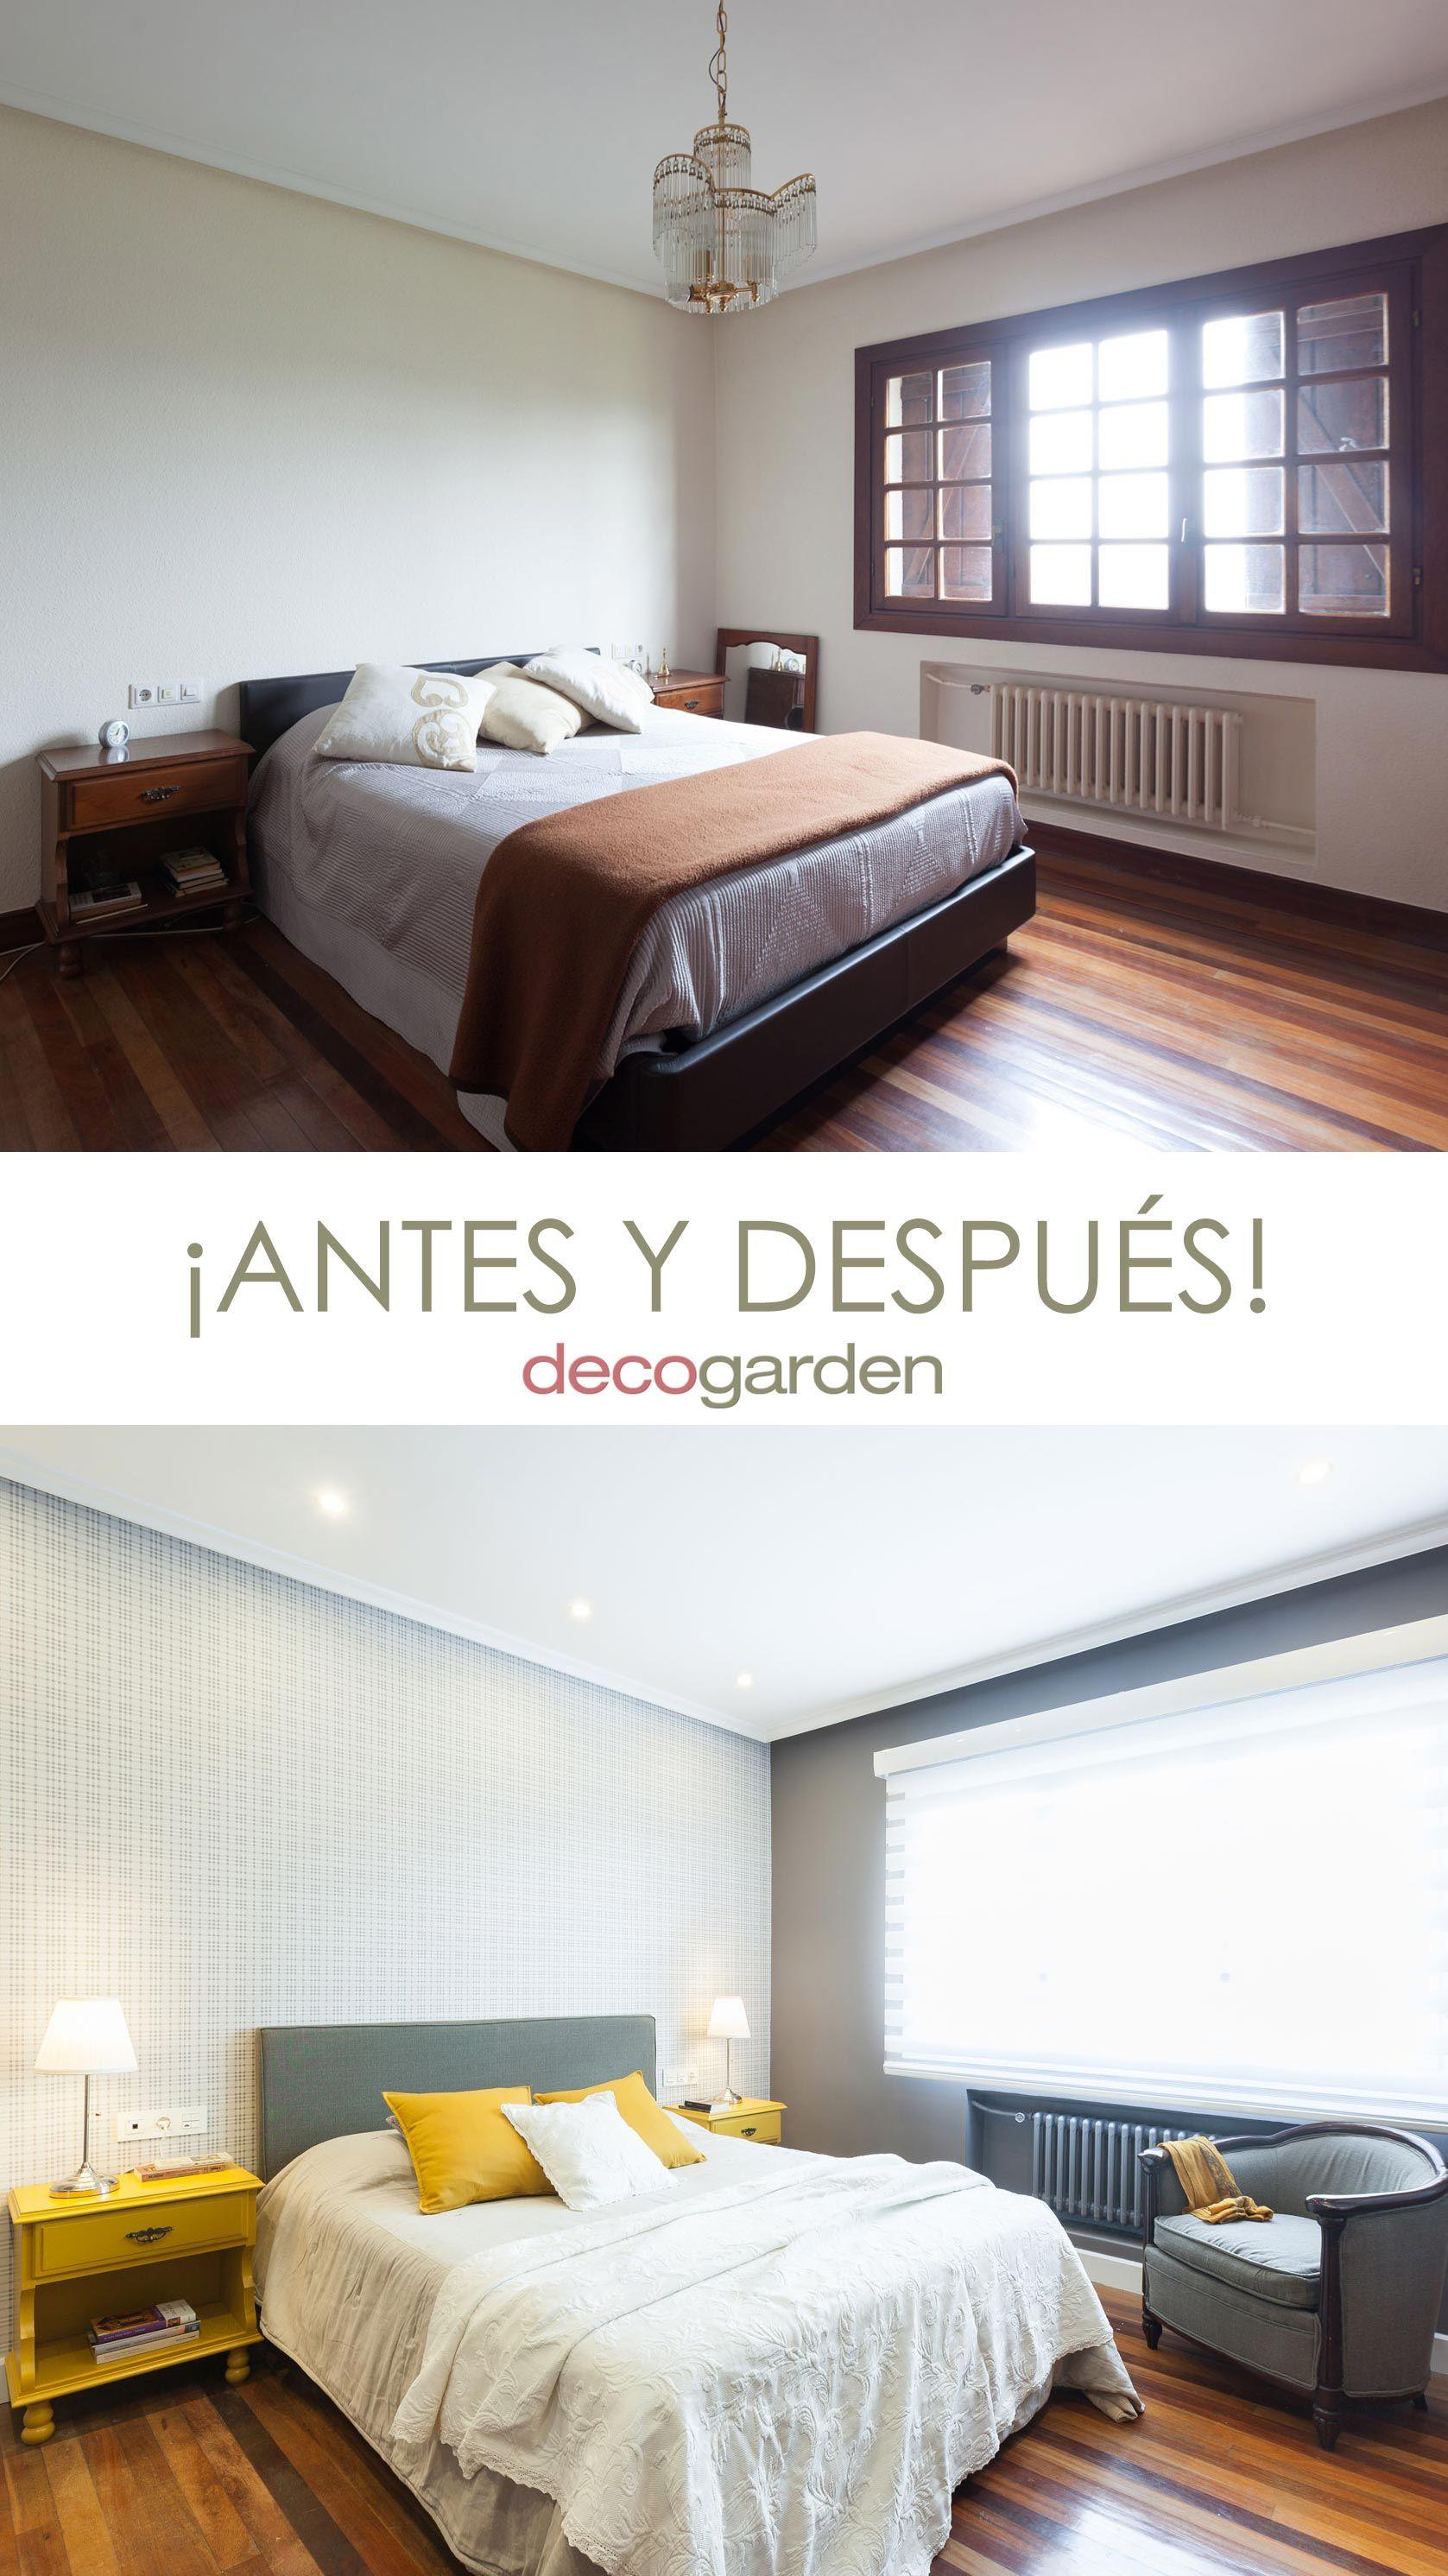 Dormitorio elegante en gris y amarillo - antes y después